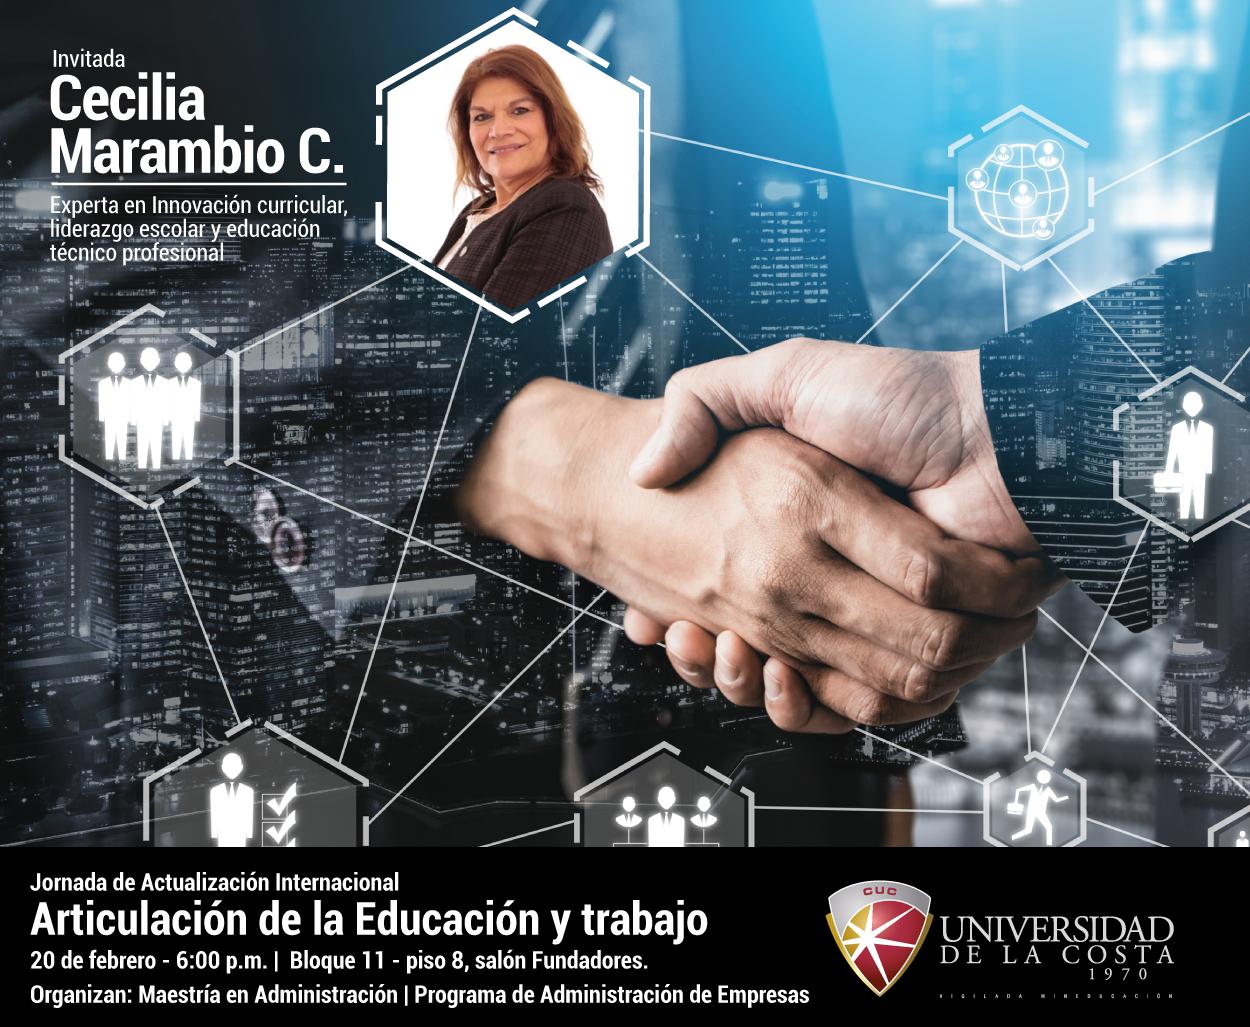 Jornada de Actualización Internacional, Articulación de la Educación y trabajo